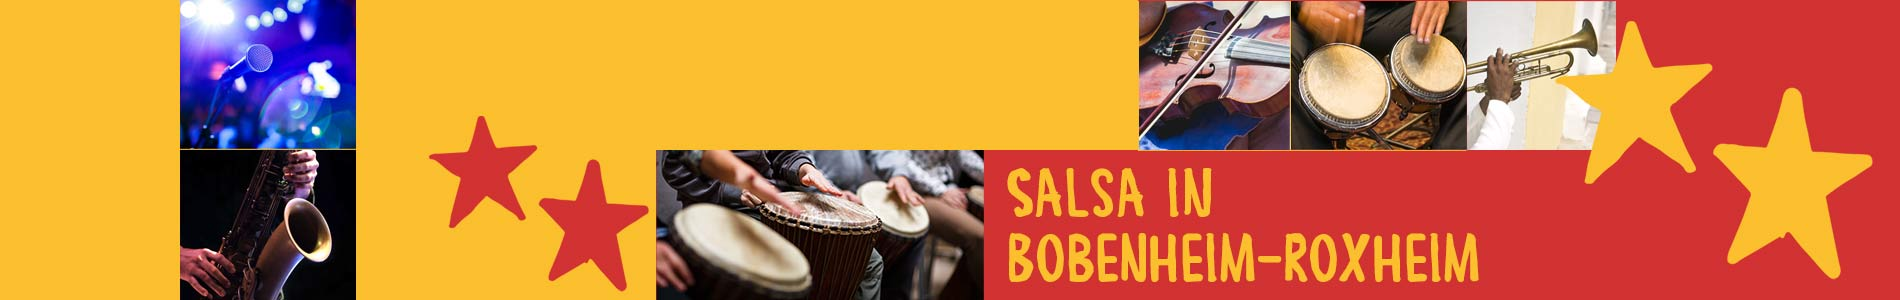 Salsa in Bobenheim-Roxheim – Salsa lernen und tanzen, Tanzkurse, Partys, Veranstaltungen